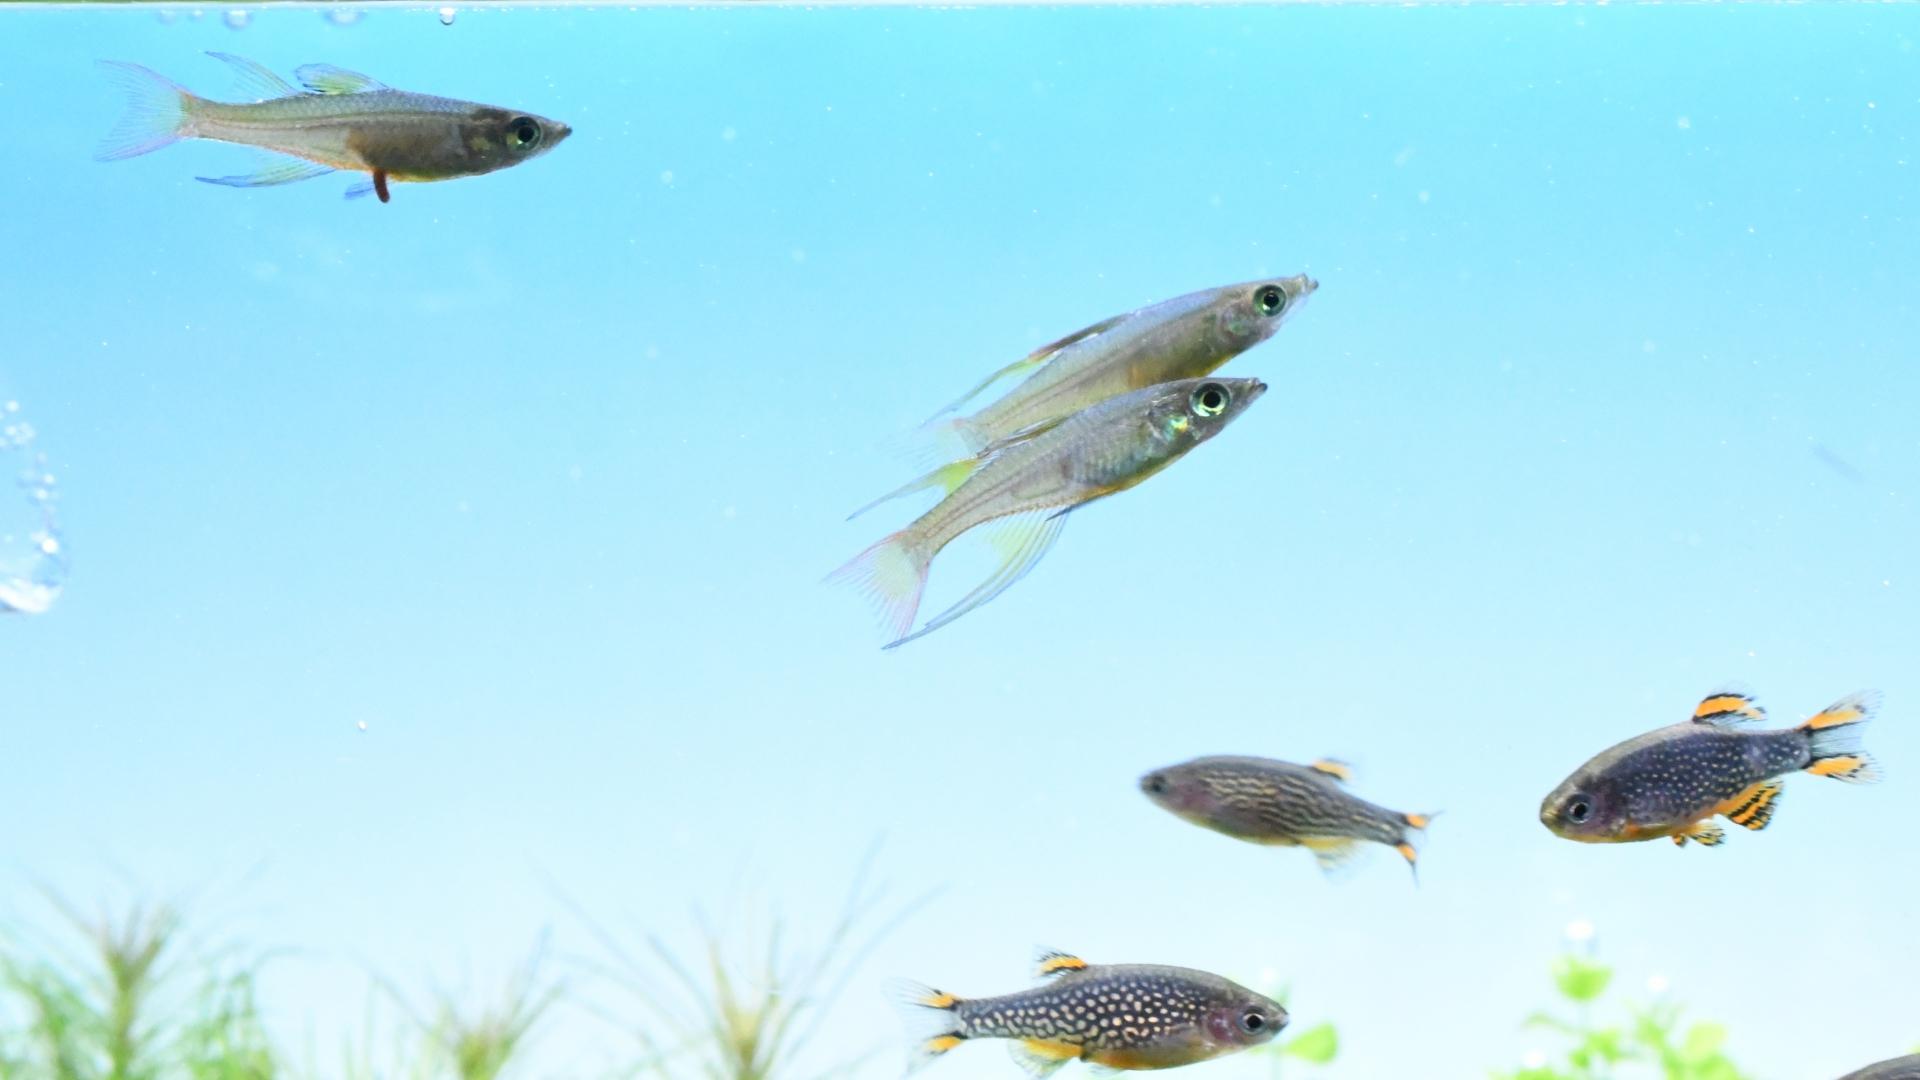 熱帯魚紹介:スリム&ヒレ長 ニューギニア・レインボー